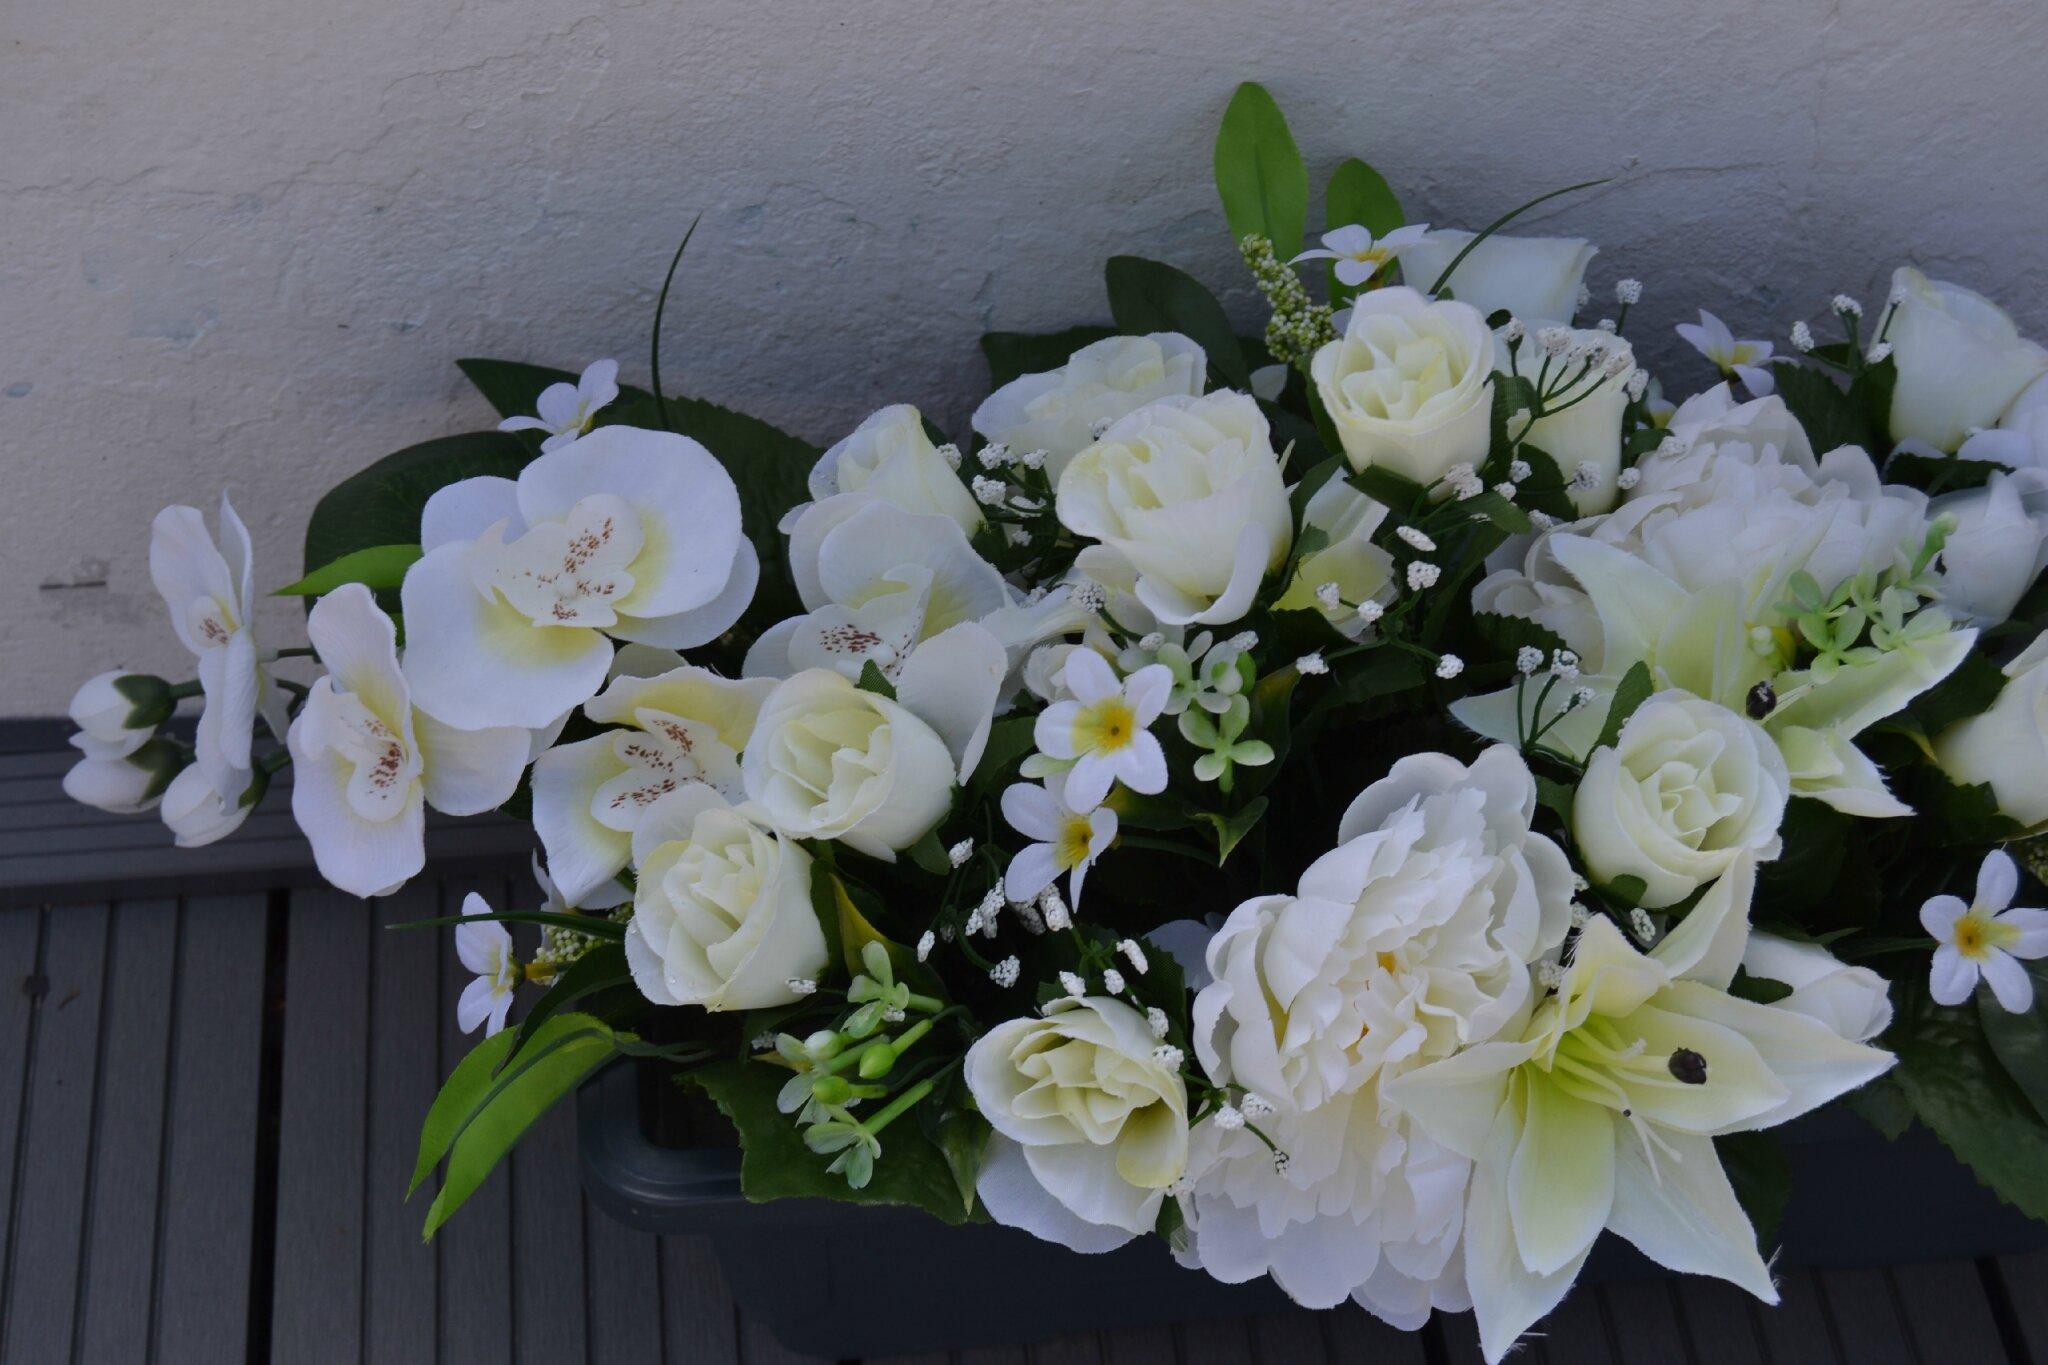 jardini re de fleurs artificielles toutes blanches pour le cimeti re au fil des fleurs 51. Black Bedroom Furniture Sets. Home Design Ideas